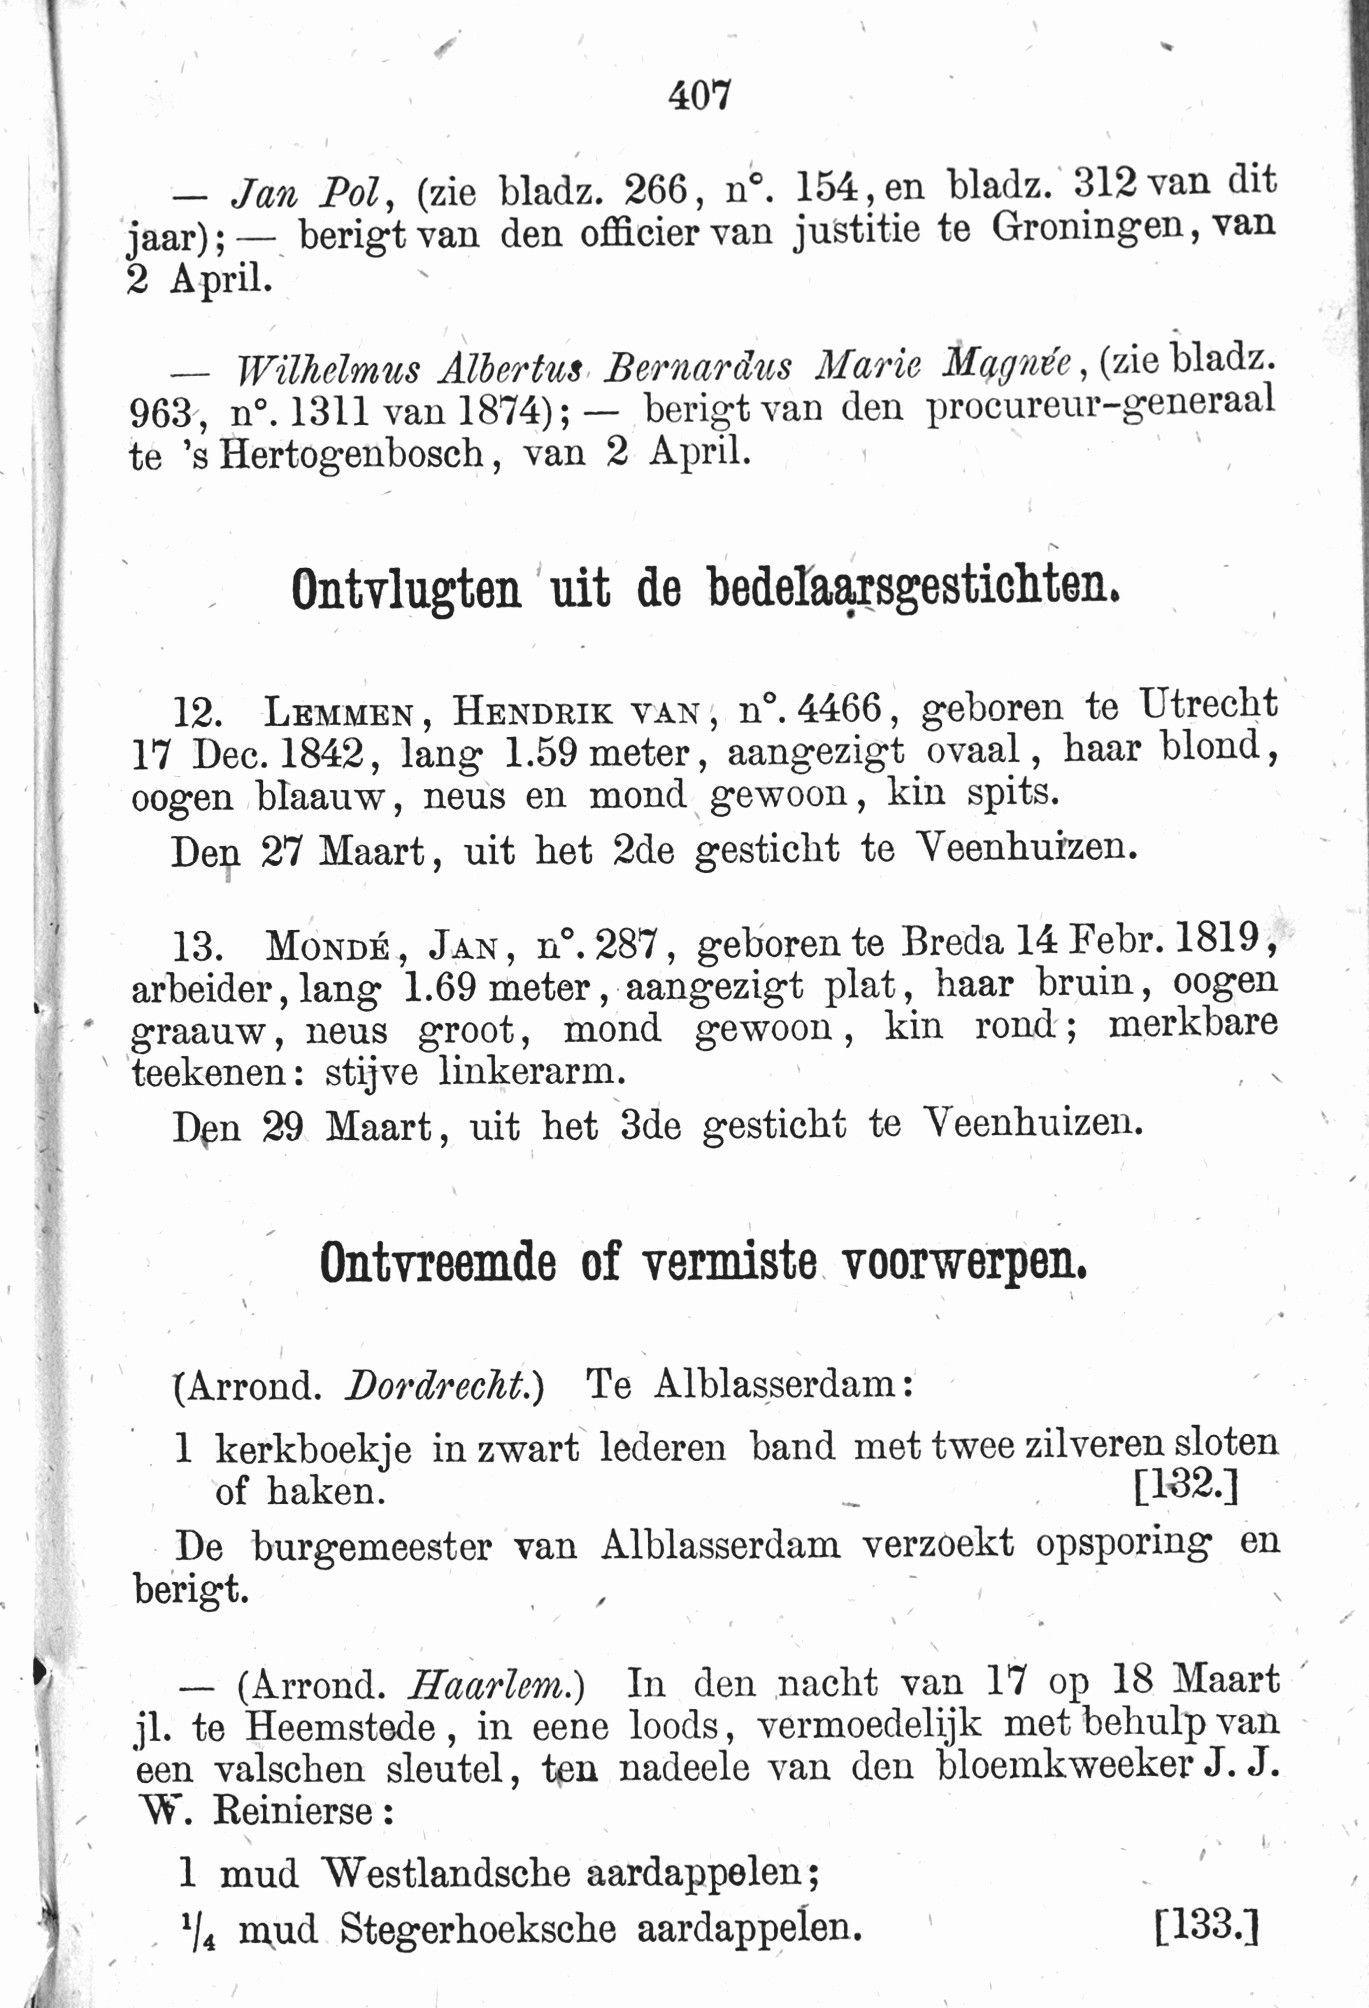 Algemeen Politieblad